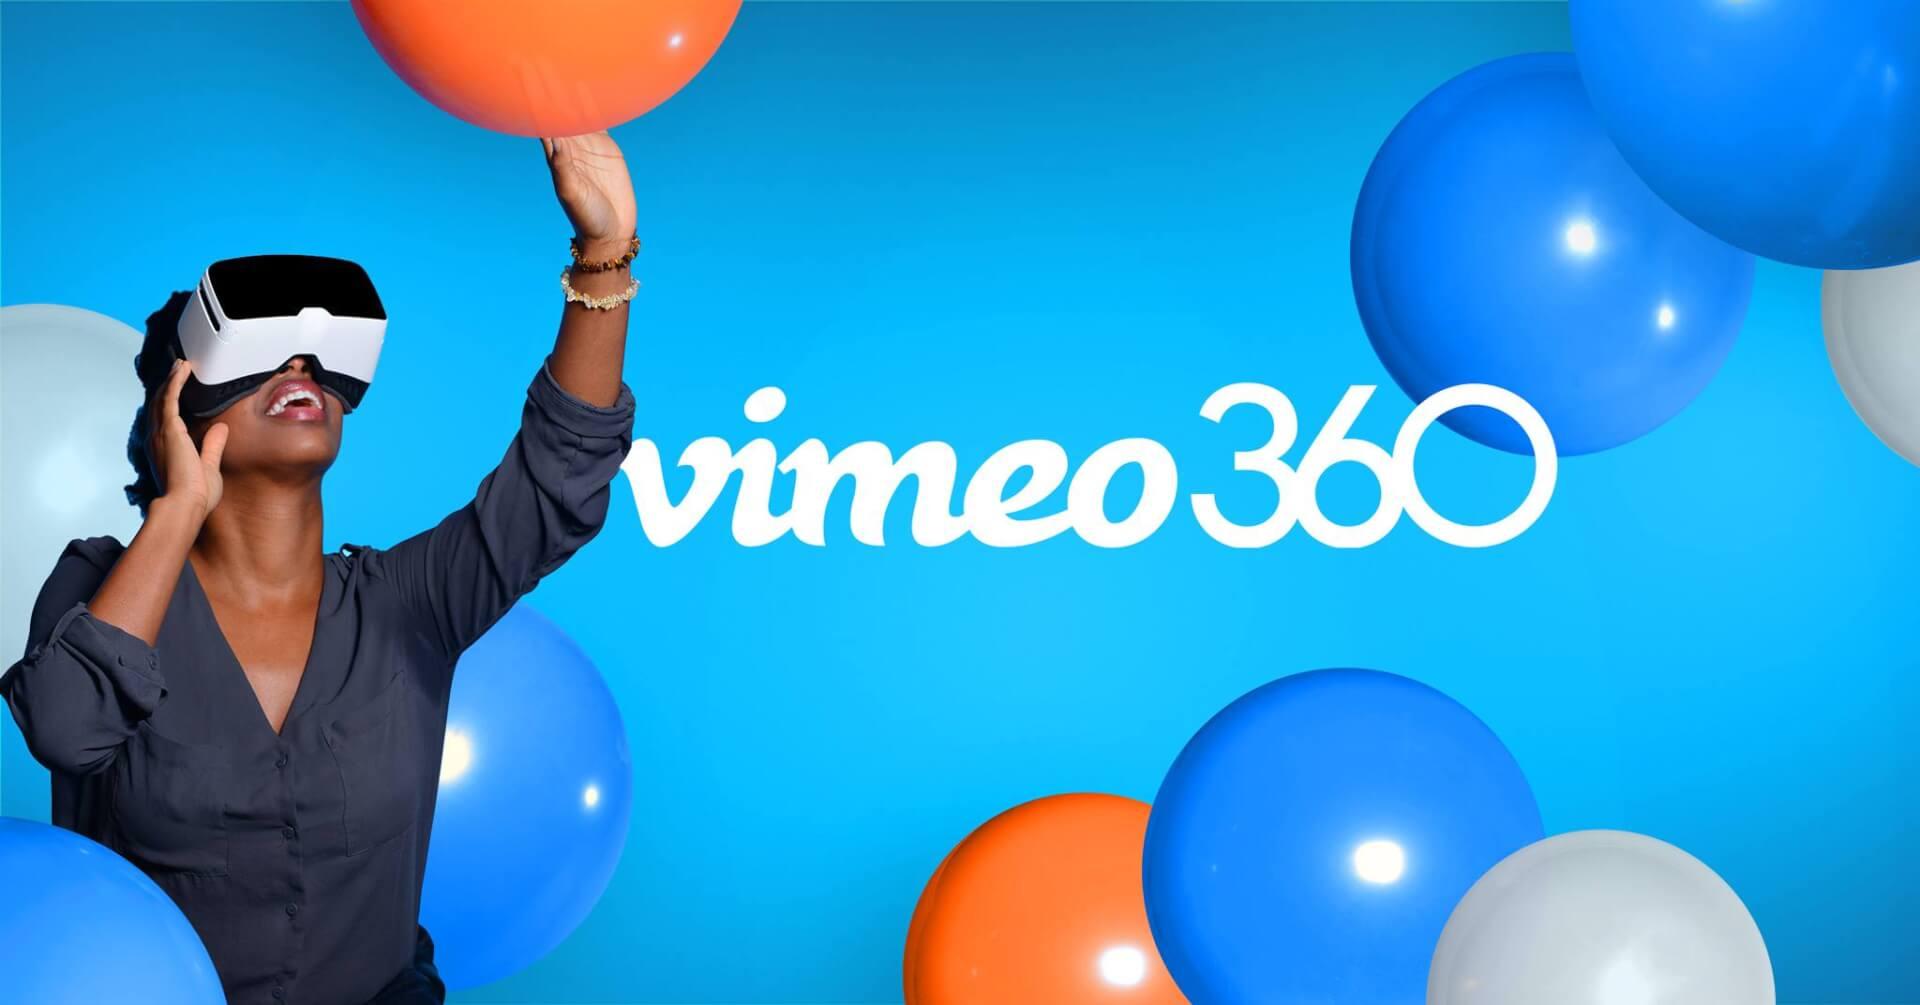 Vimeo 360: A home for immersive storytelling - Vimeo Blog